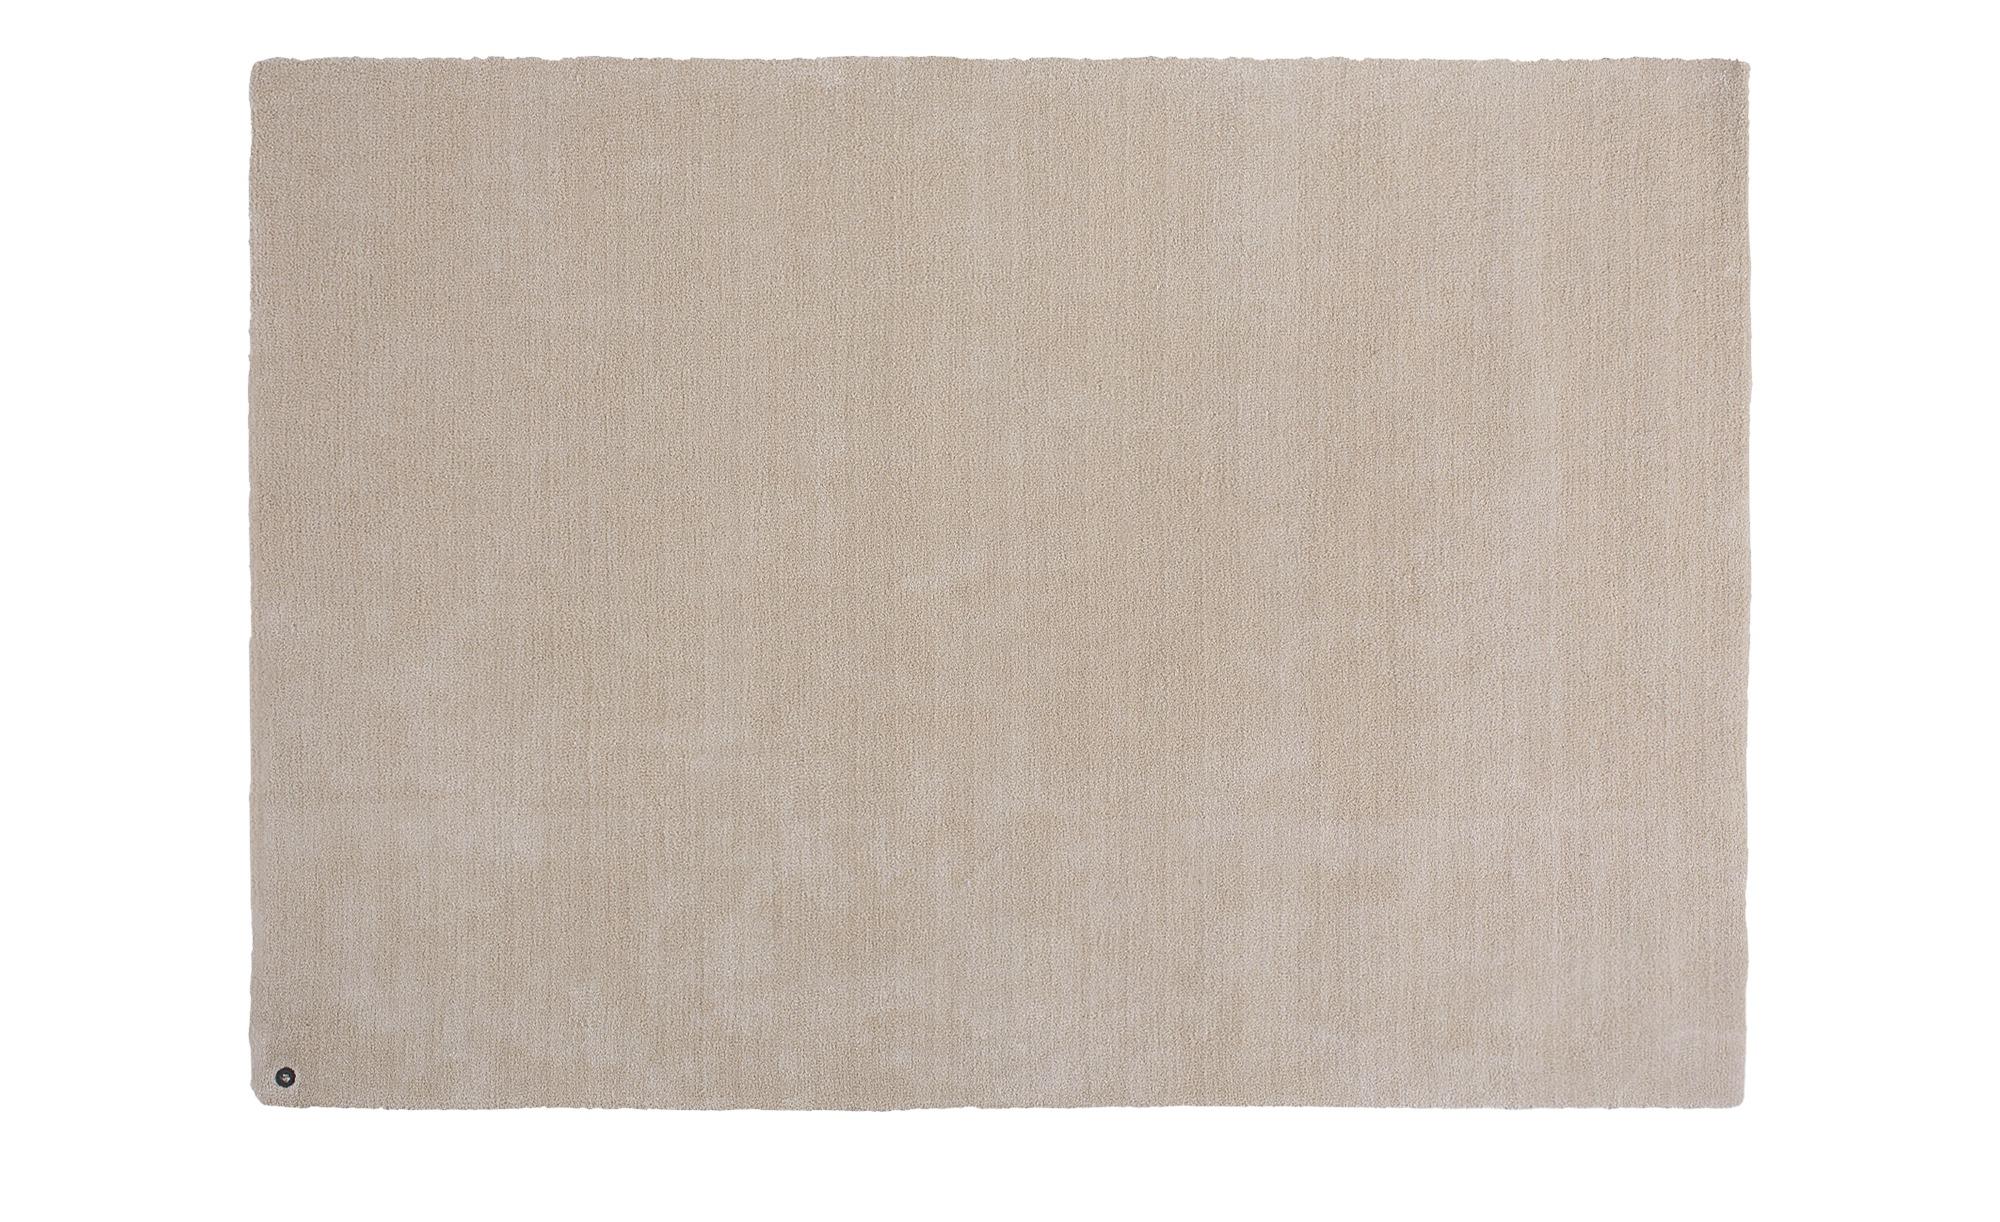 tom tailor handtuft teppich powder breite 65 cm h he beige online kaufen bei woonio. Black Bedroom Furniture Sets. Home Design Ideas